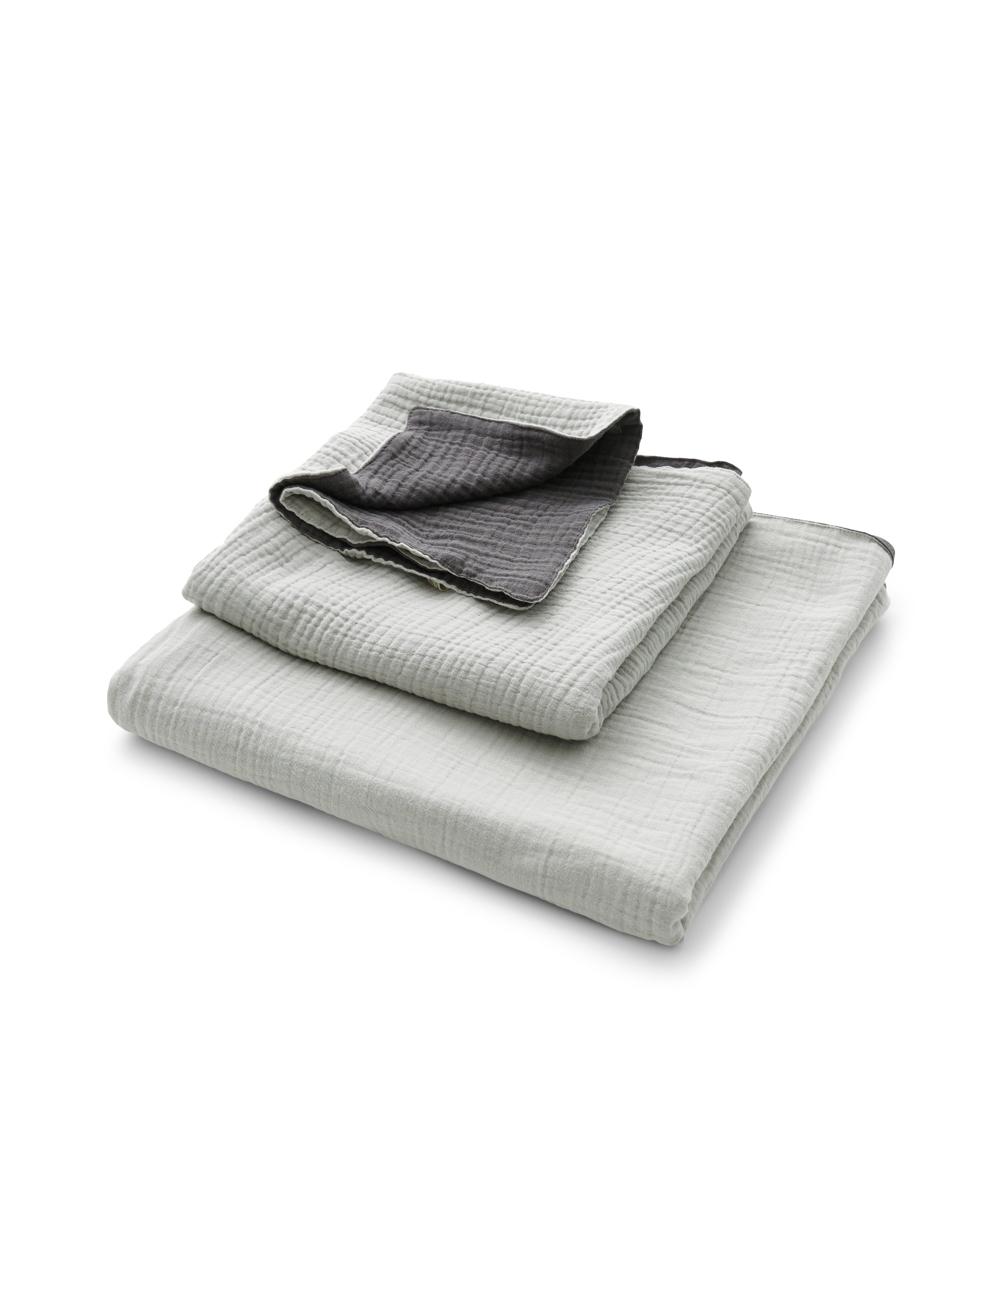 Muslin Handduk Light Grey/Dark Grey